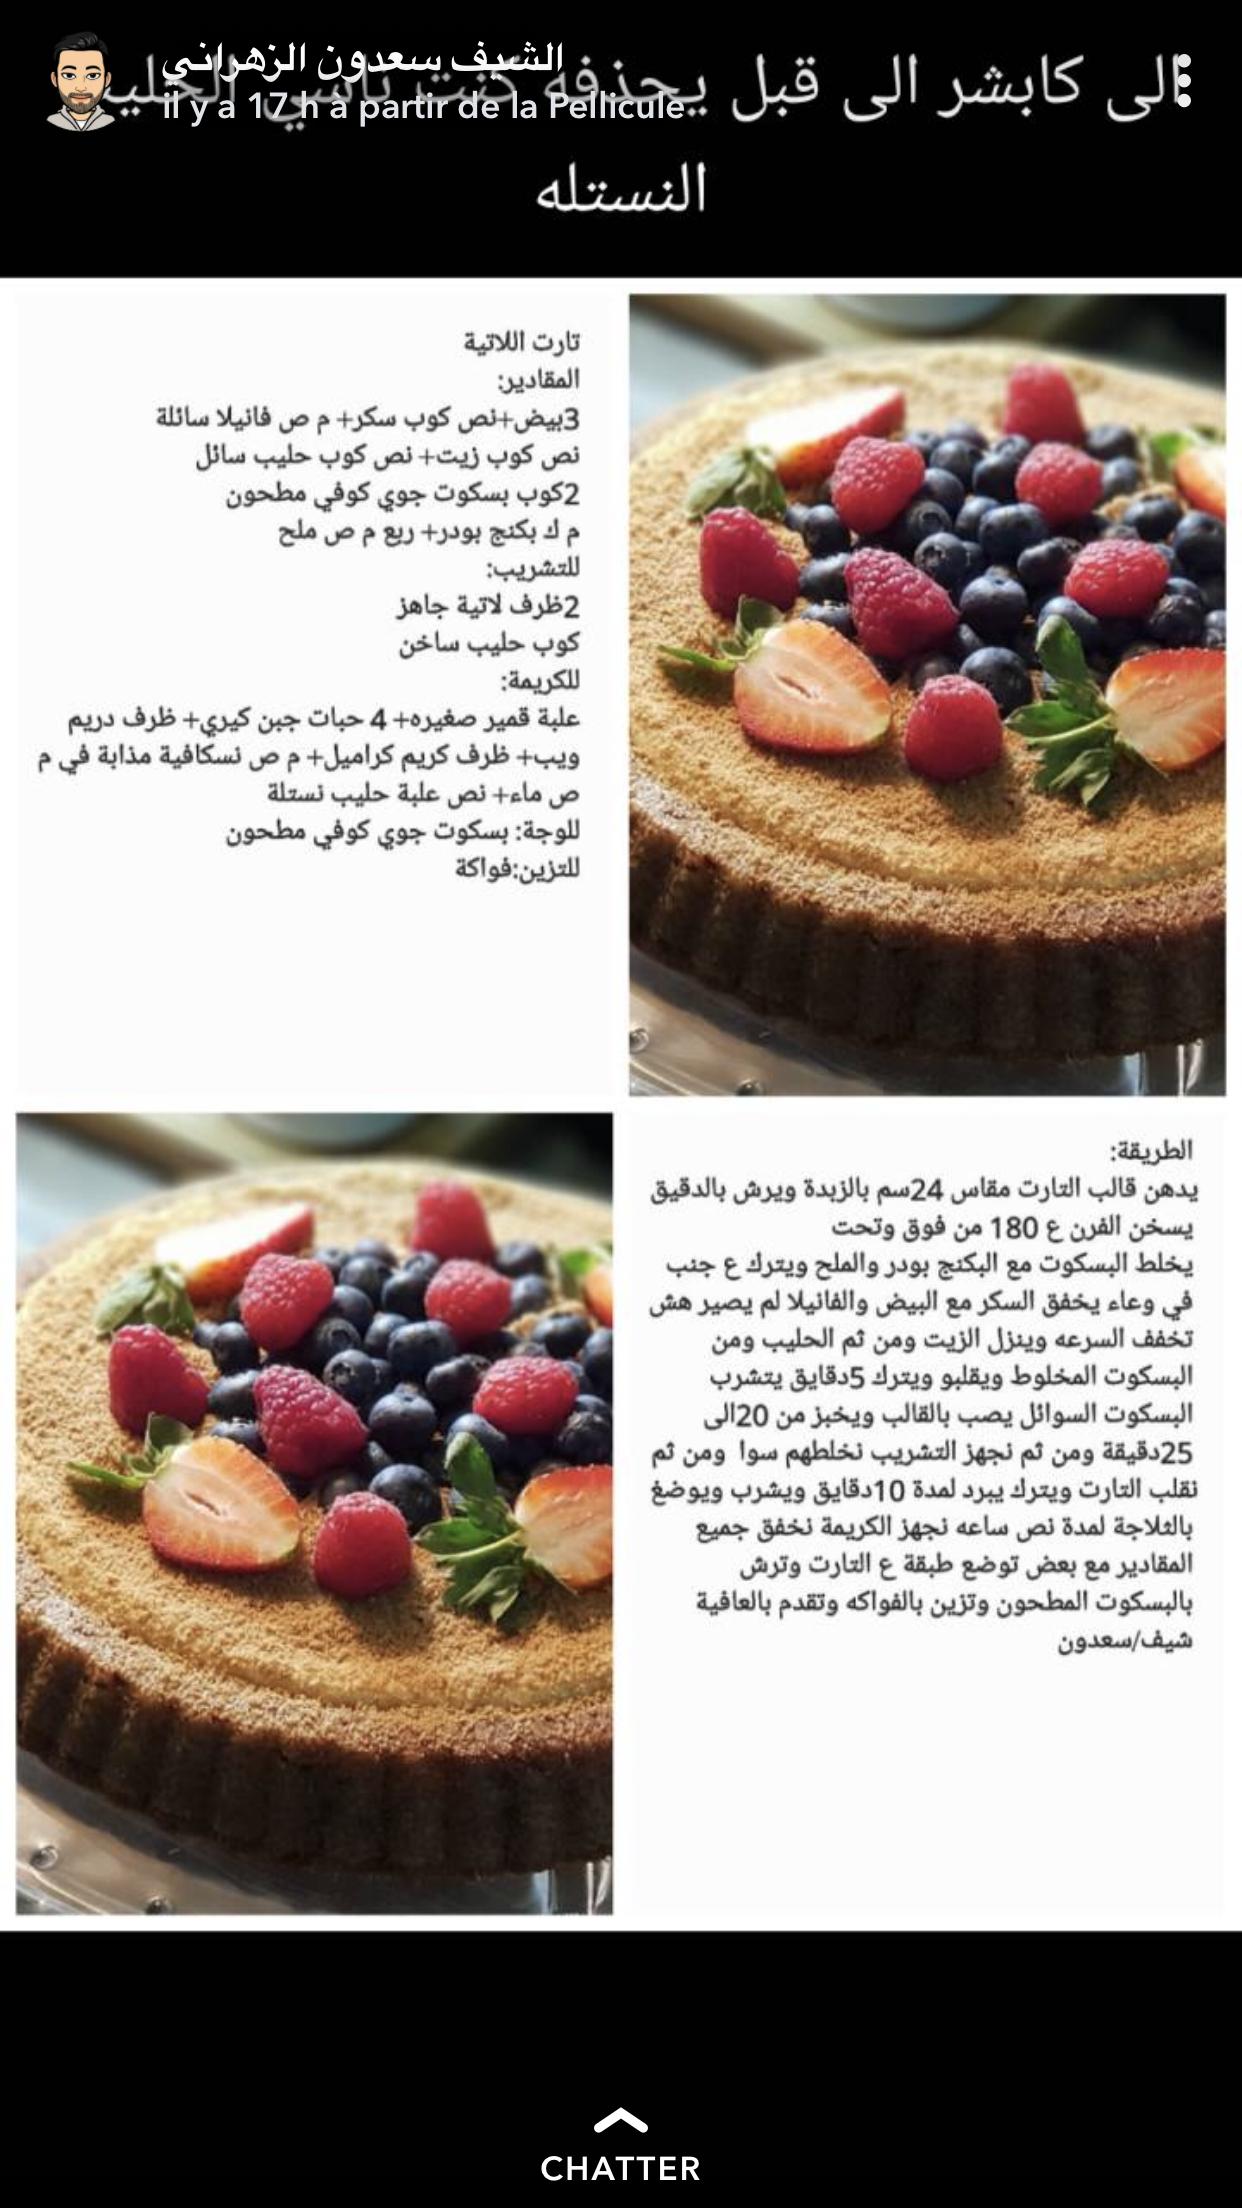 Pin By ام العباس On اكلات أعجبتني Dessert Recipes Food Cooking